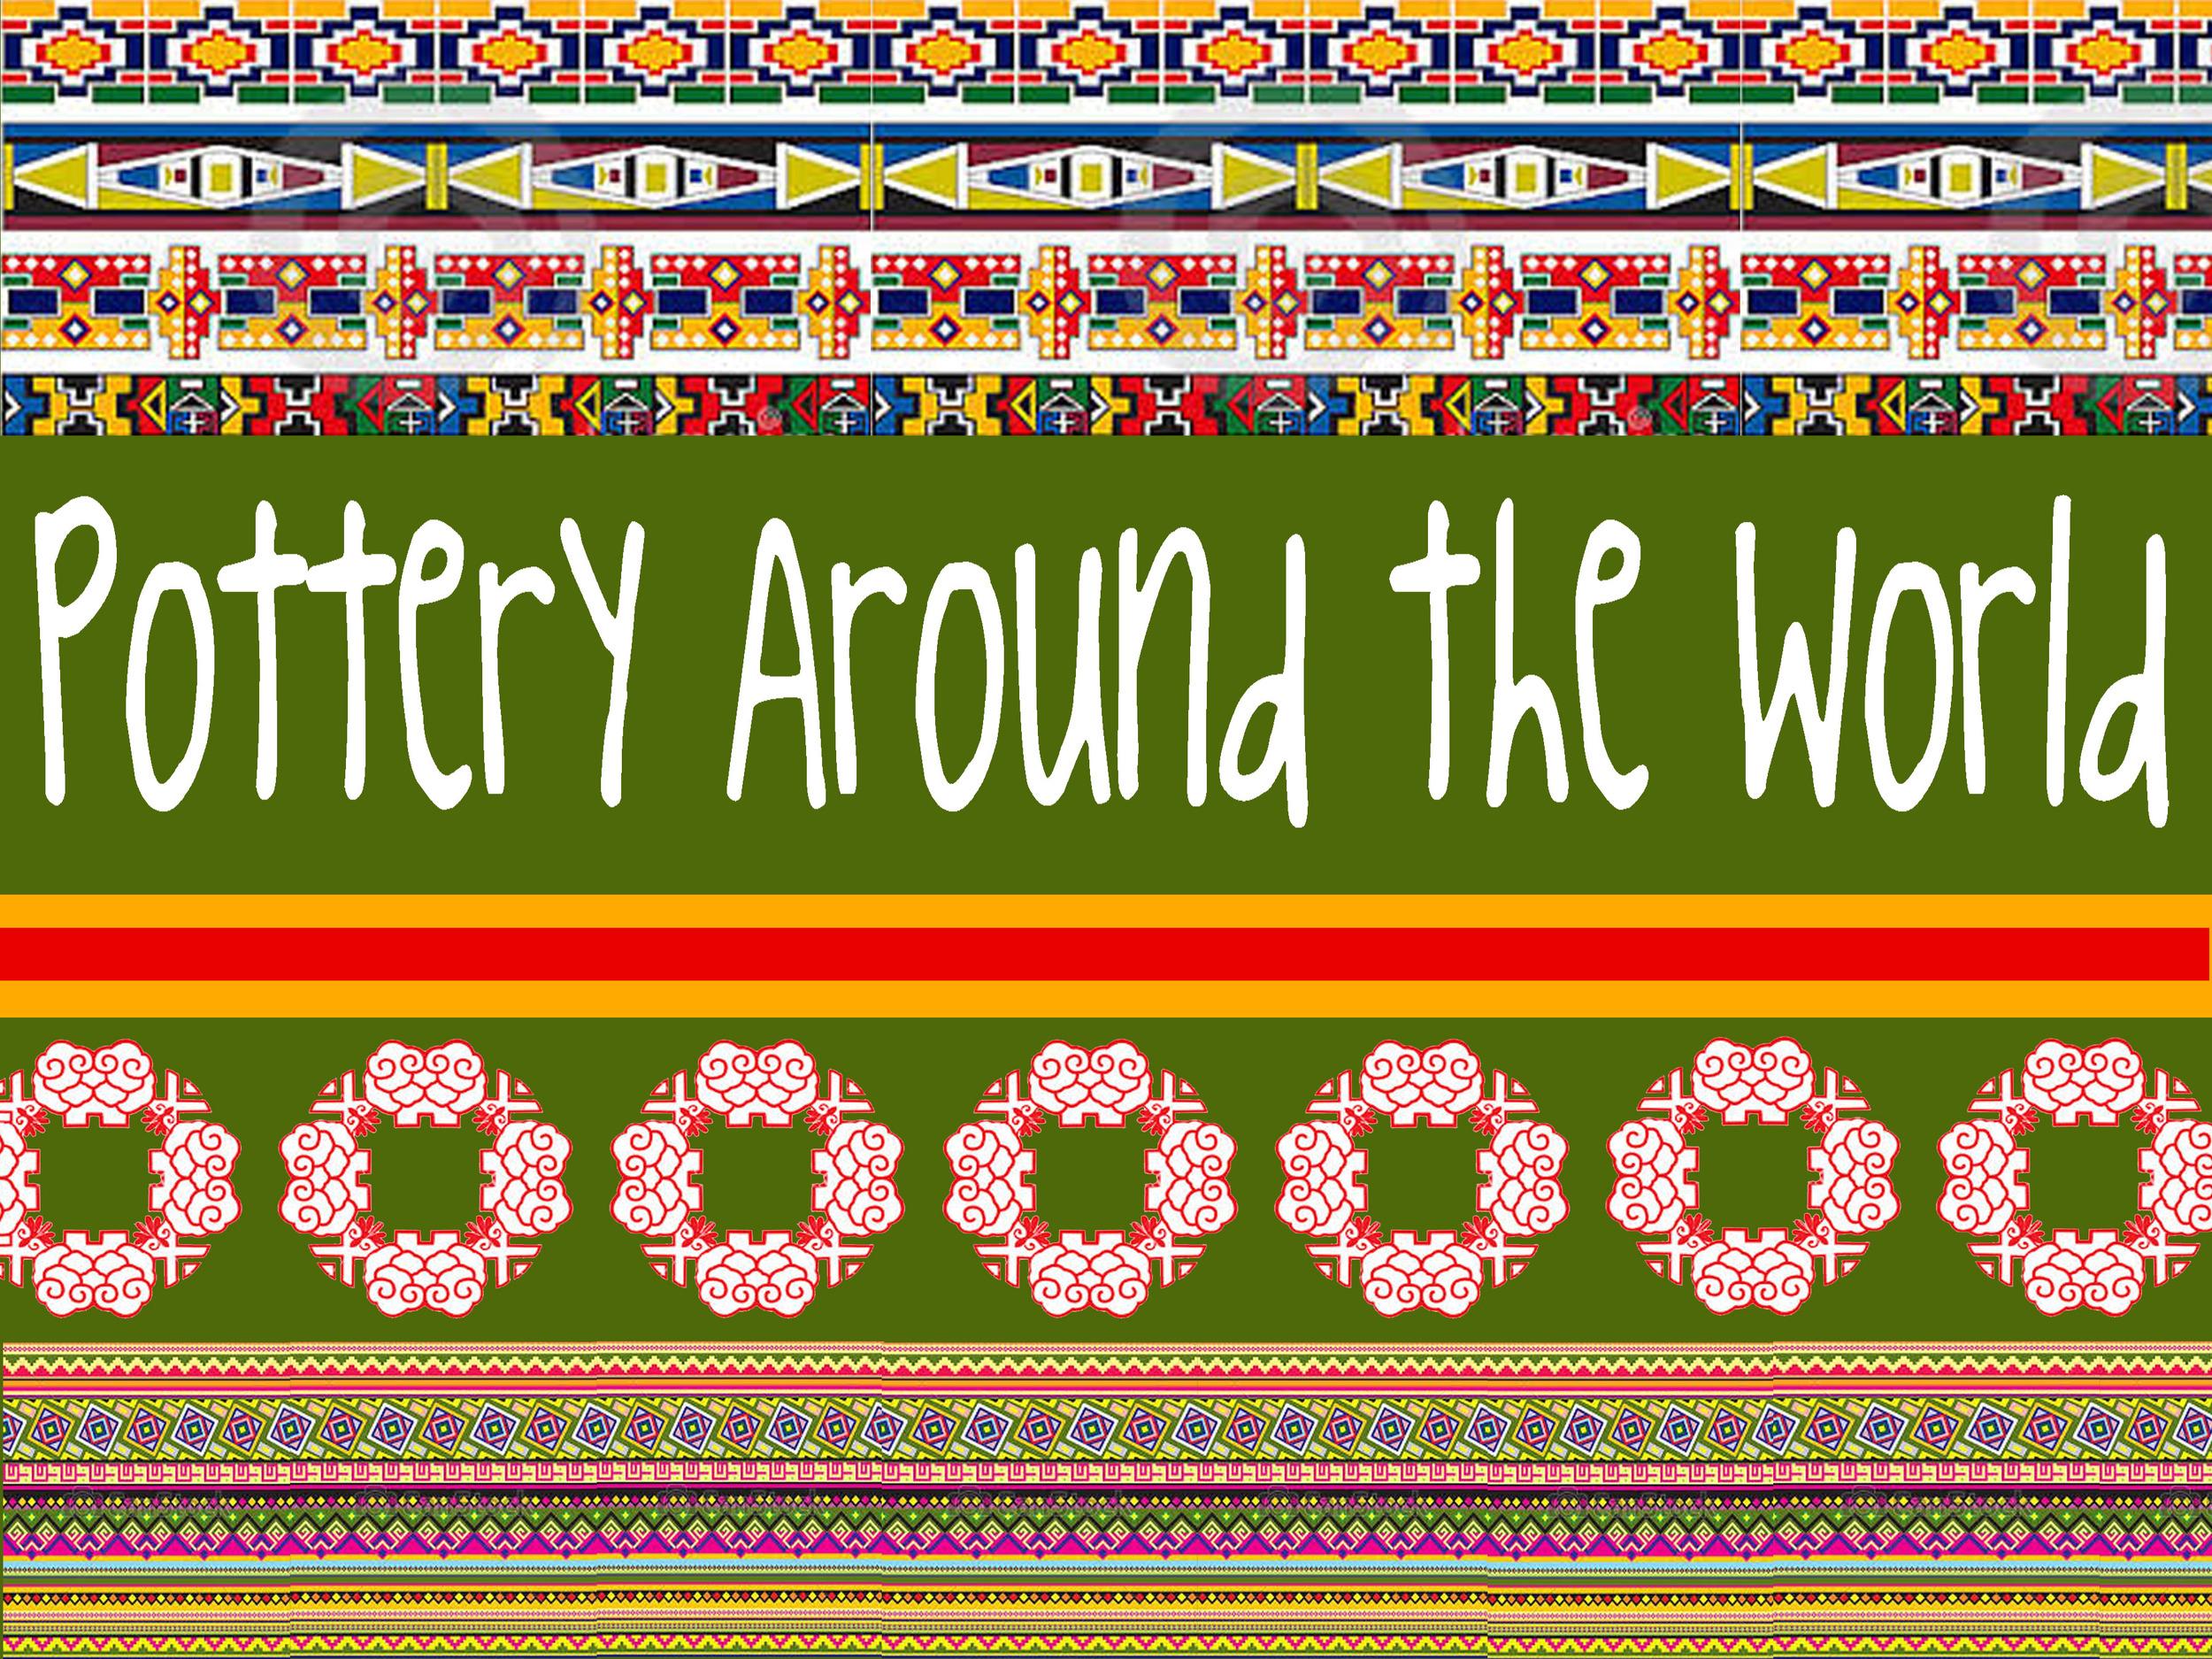 PotteryAroundtheWorldLogo - Copy.jpg